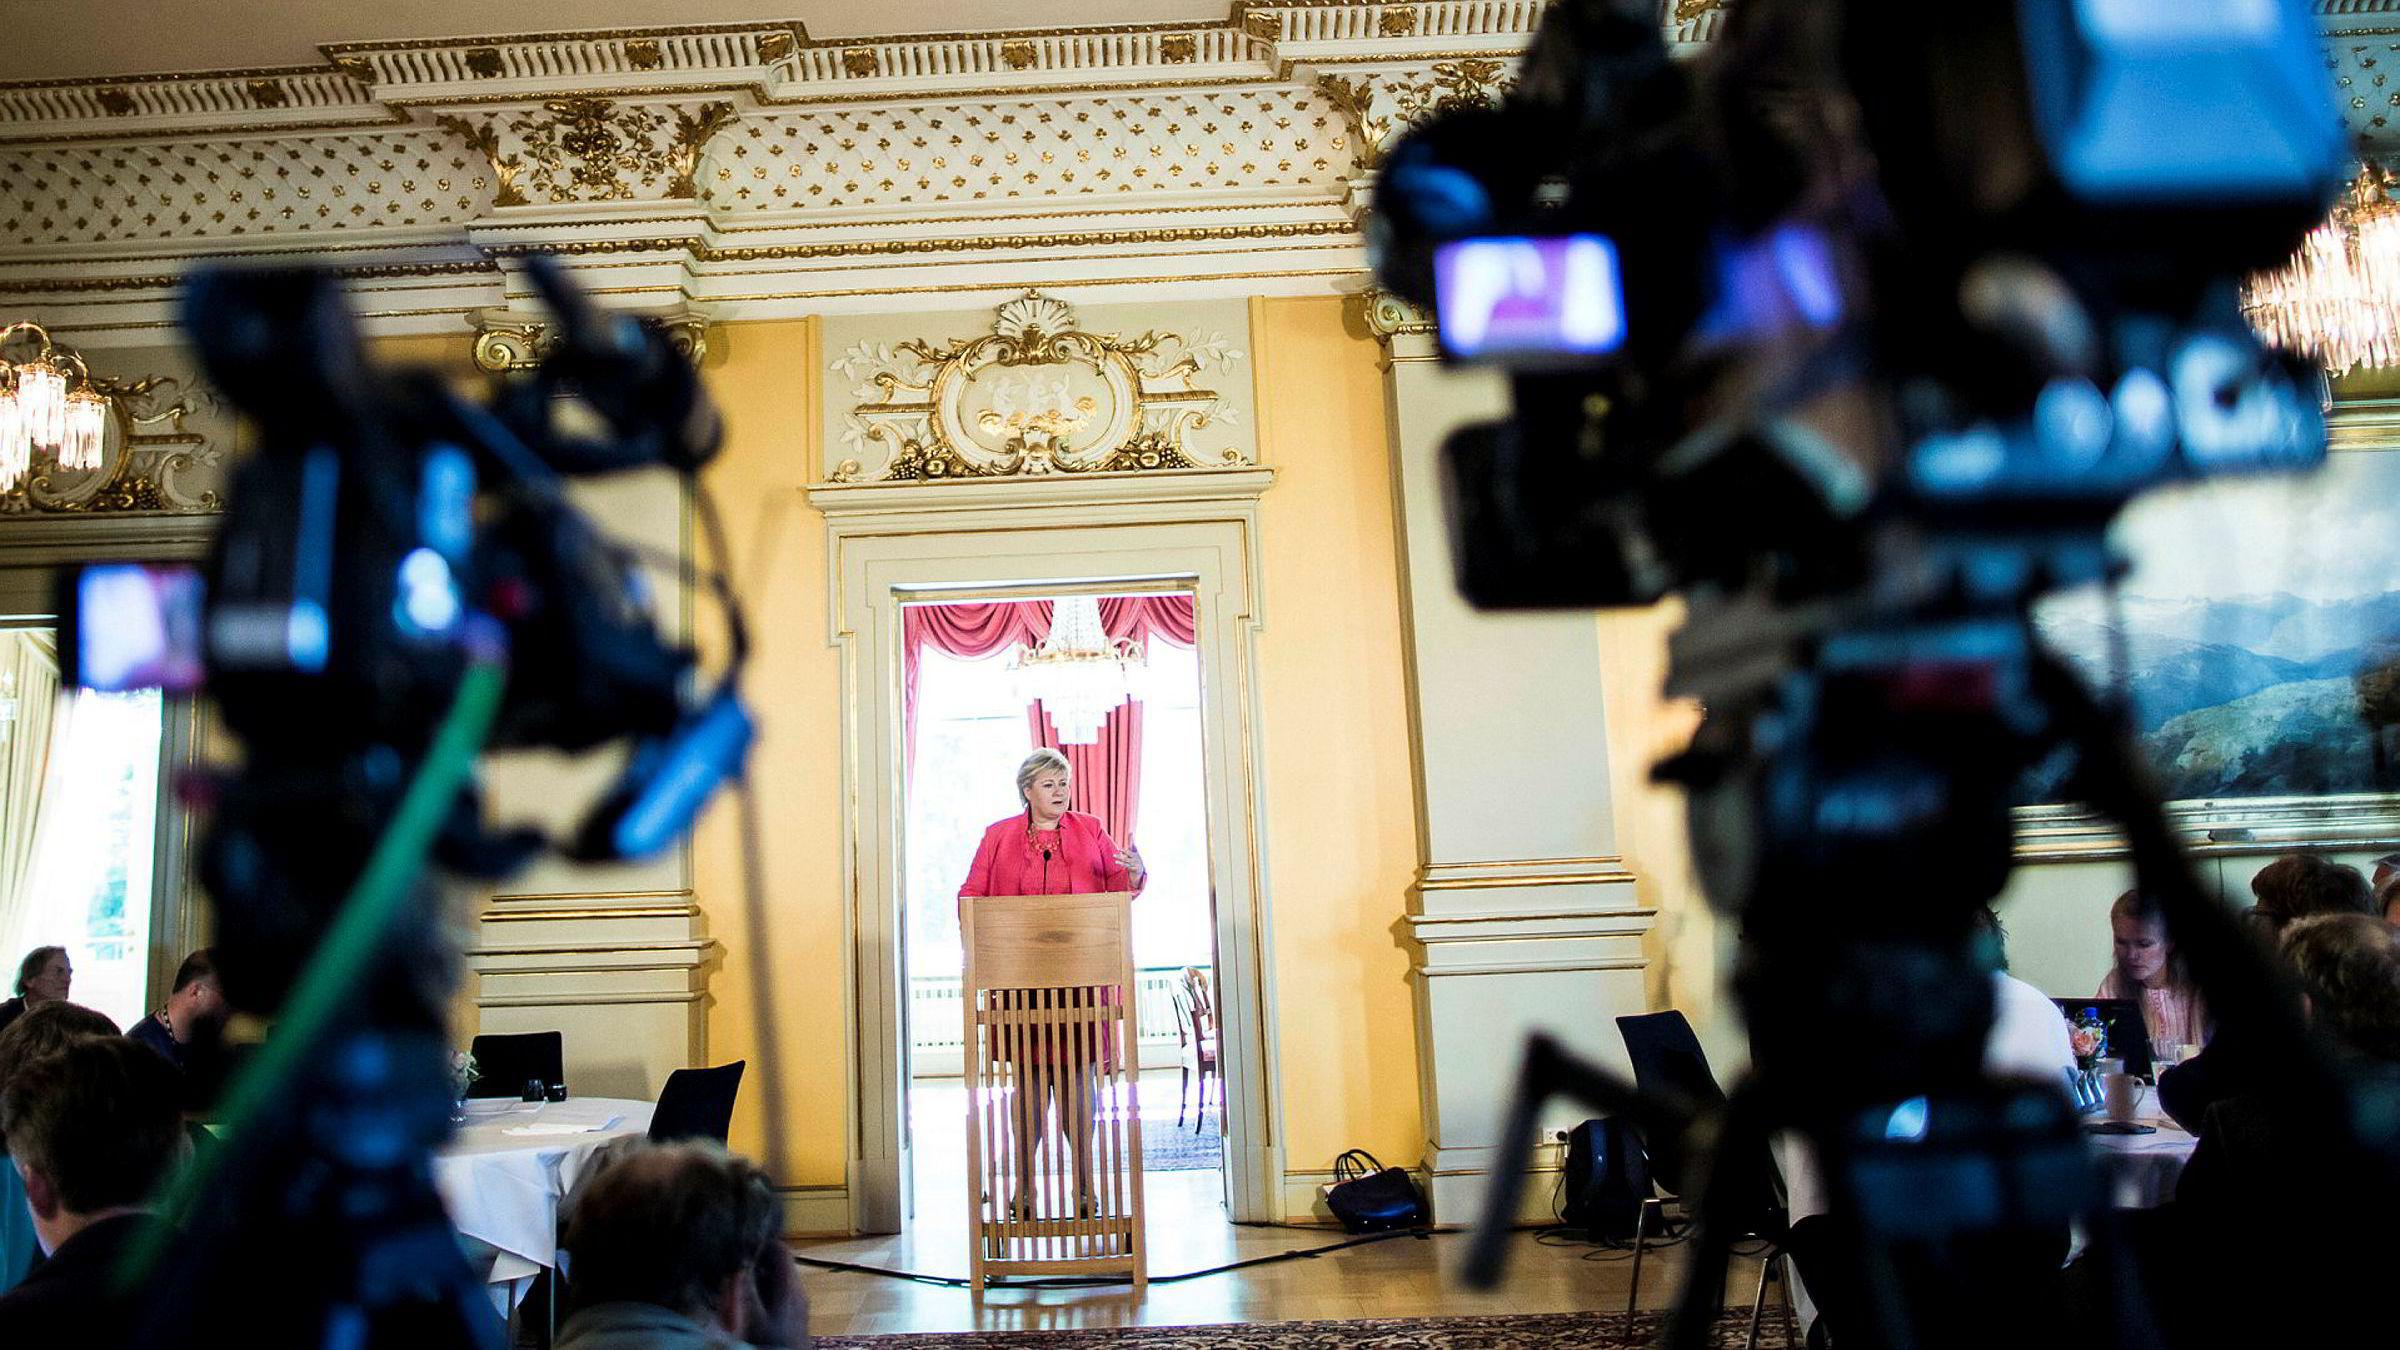 Norske politikere tok ansvar da de anerkjente betydningen av norsk redaksjonelt innhold og utvidet nullmomsen.Men når pengene stopper opp på veien, får ikke mediebransjen gjort noen ting. Her fra en pressekonferanse med statsminister Erna Solberg.